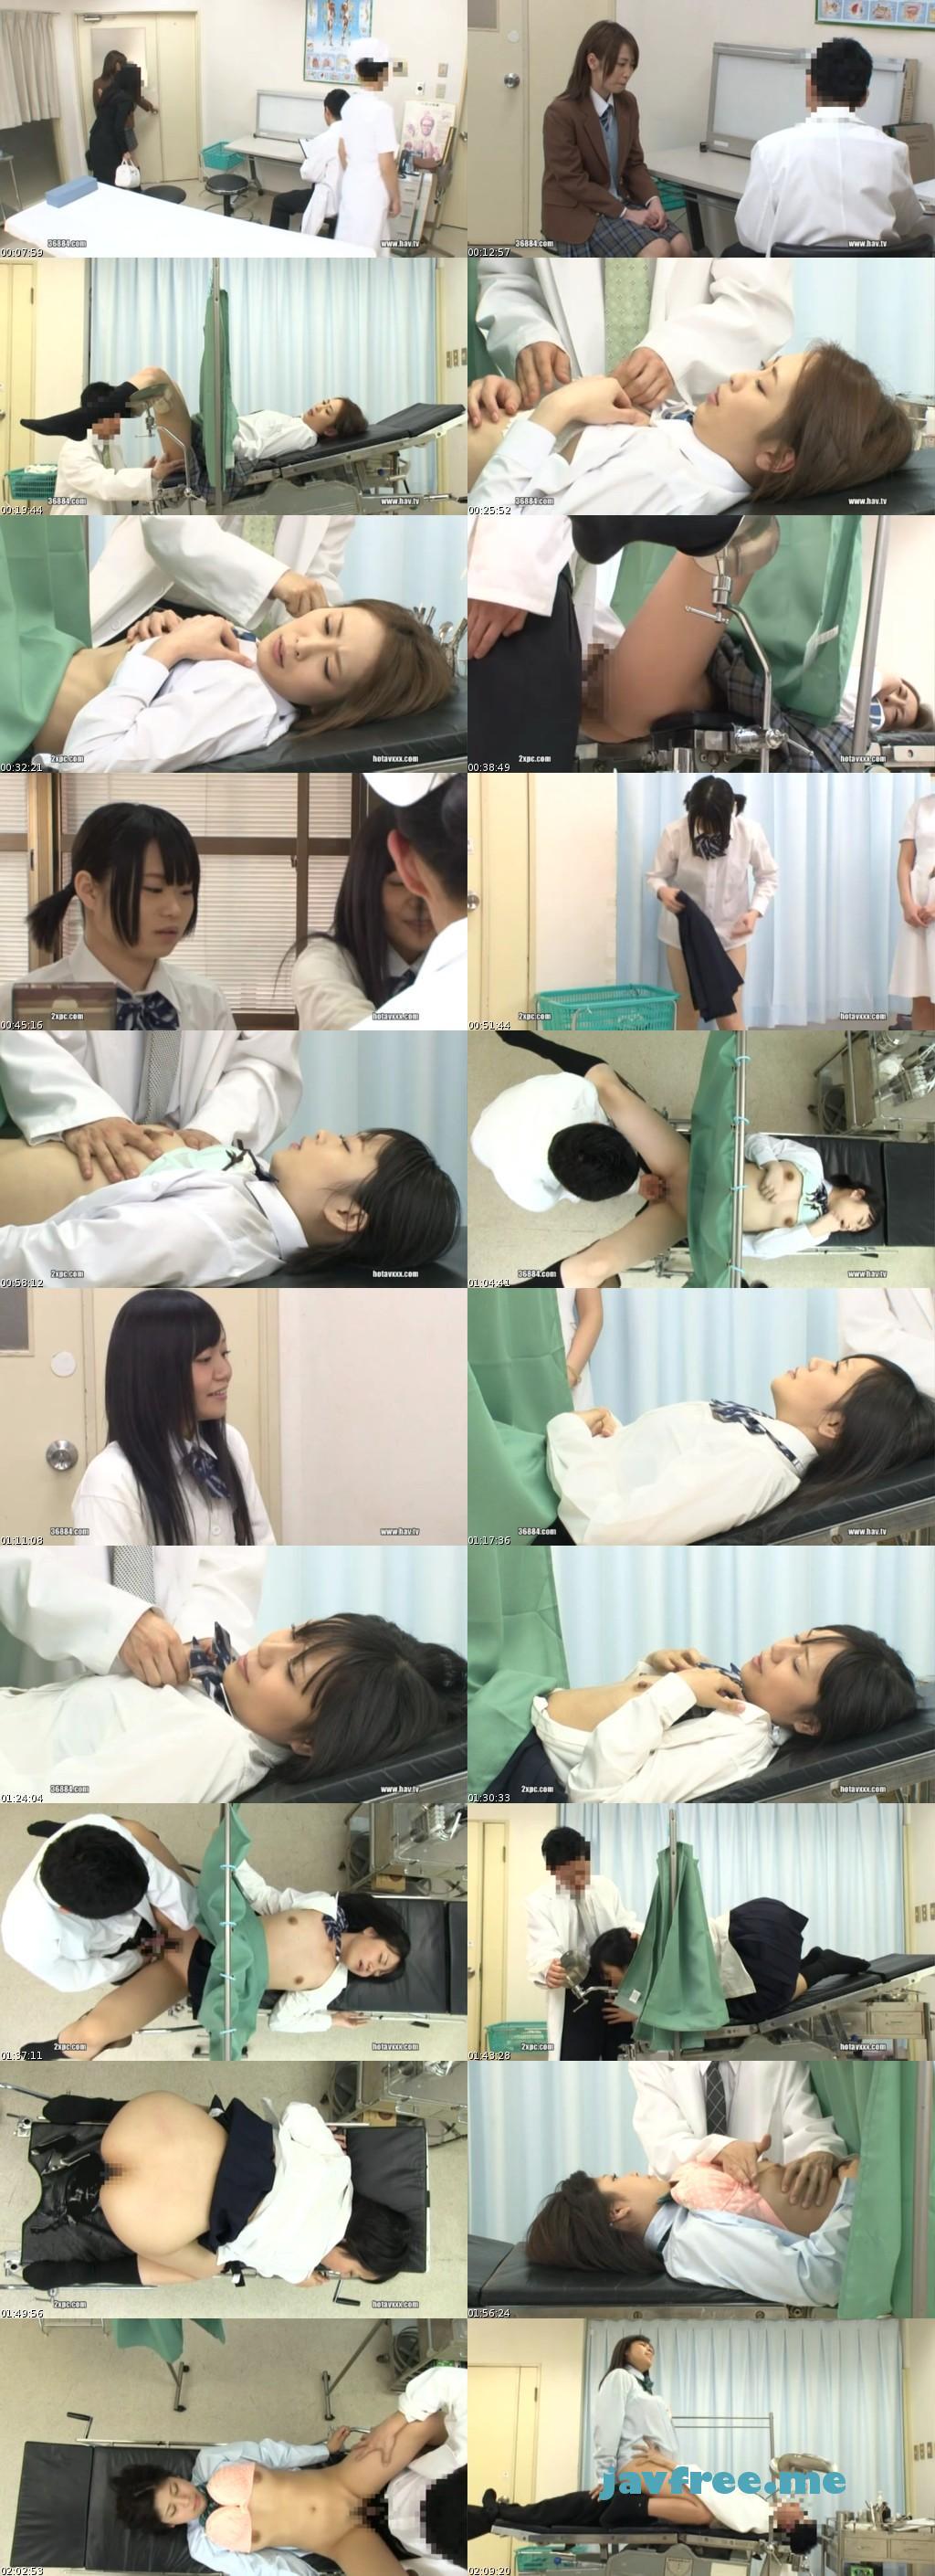 [RTP 002] 初めて産婦人科を訪れた、男をあまり知らないウブな女子校生を診察と偽りマ○コの中を掻き回してやったら、今まで経験した事のない感覚に口を歪め涎を垂らしながら我を忘れて感じだし、自ら腰を動かしてきたので、僕のチ○コでイカせまくってやった!! 皇メイサ 小咲みお 坂下えみり 佐山あづみ RTP